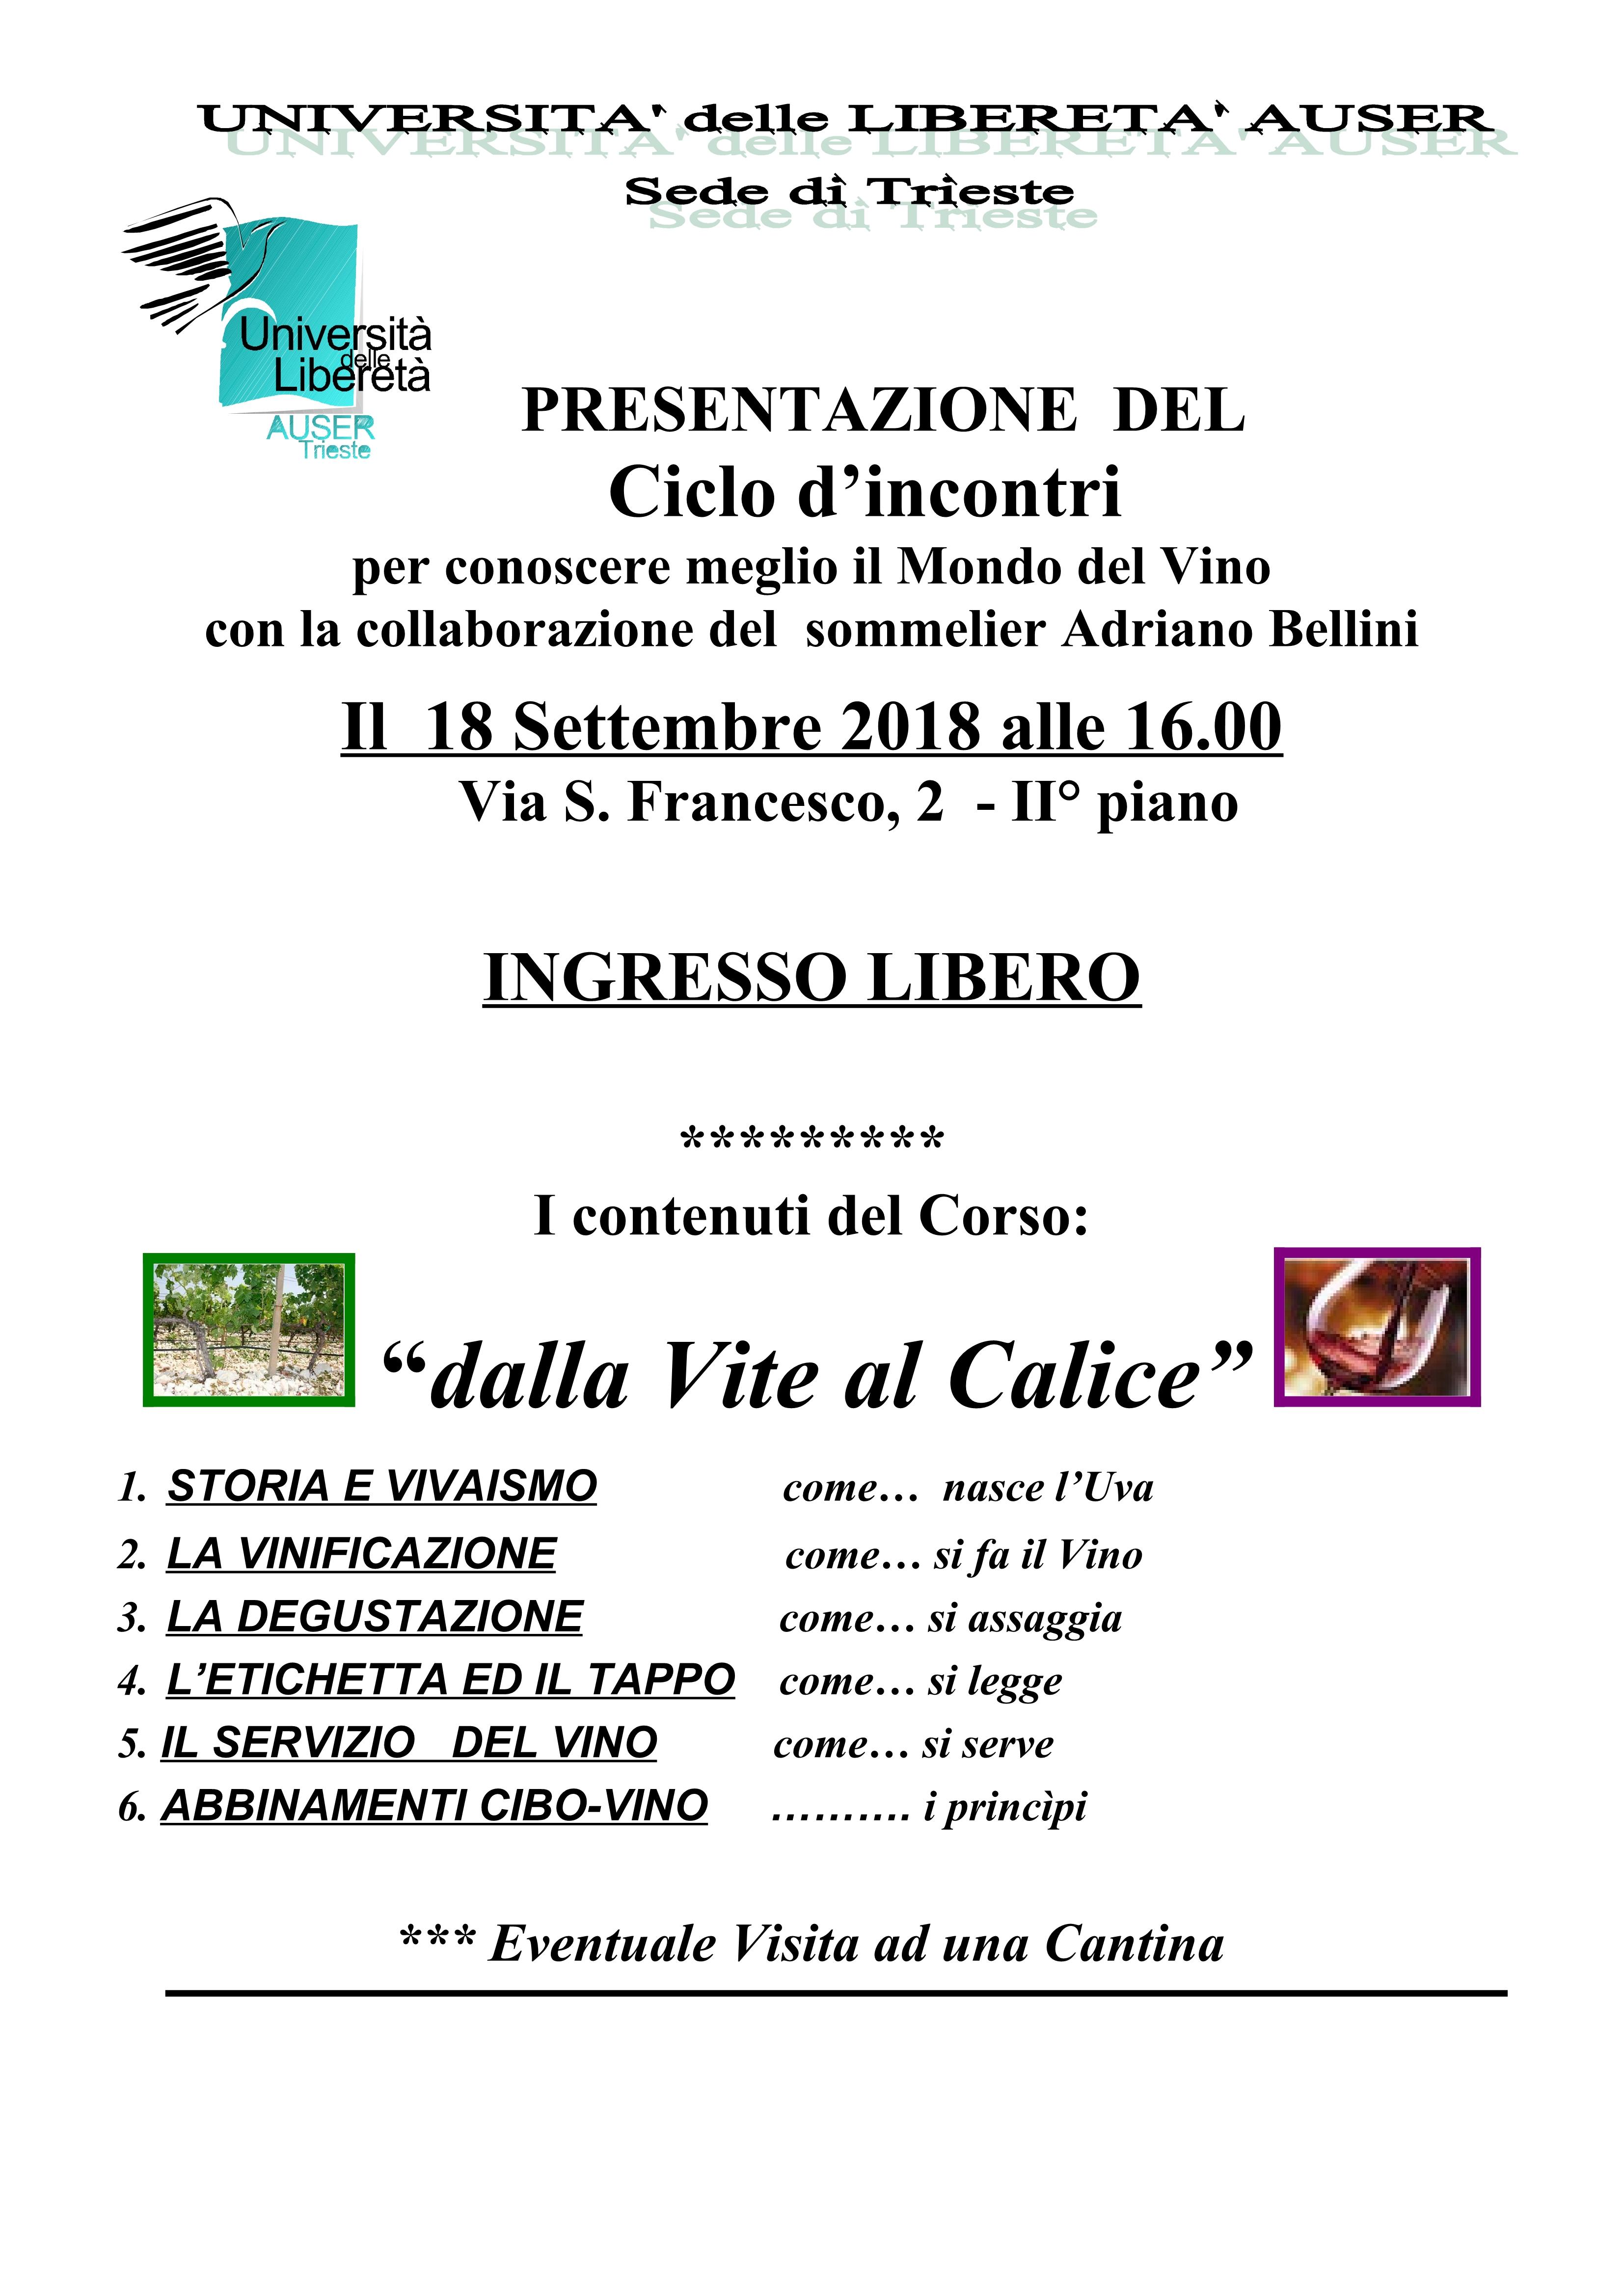 Presentazione-Dalla Vite al Calice-18 Settembre 181